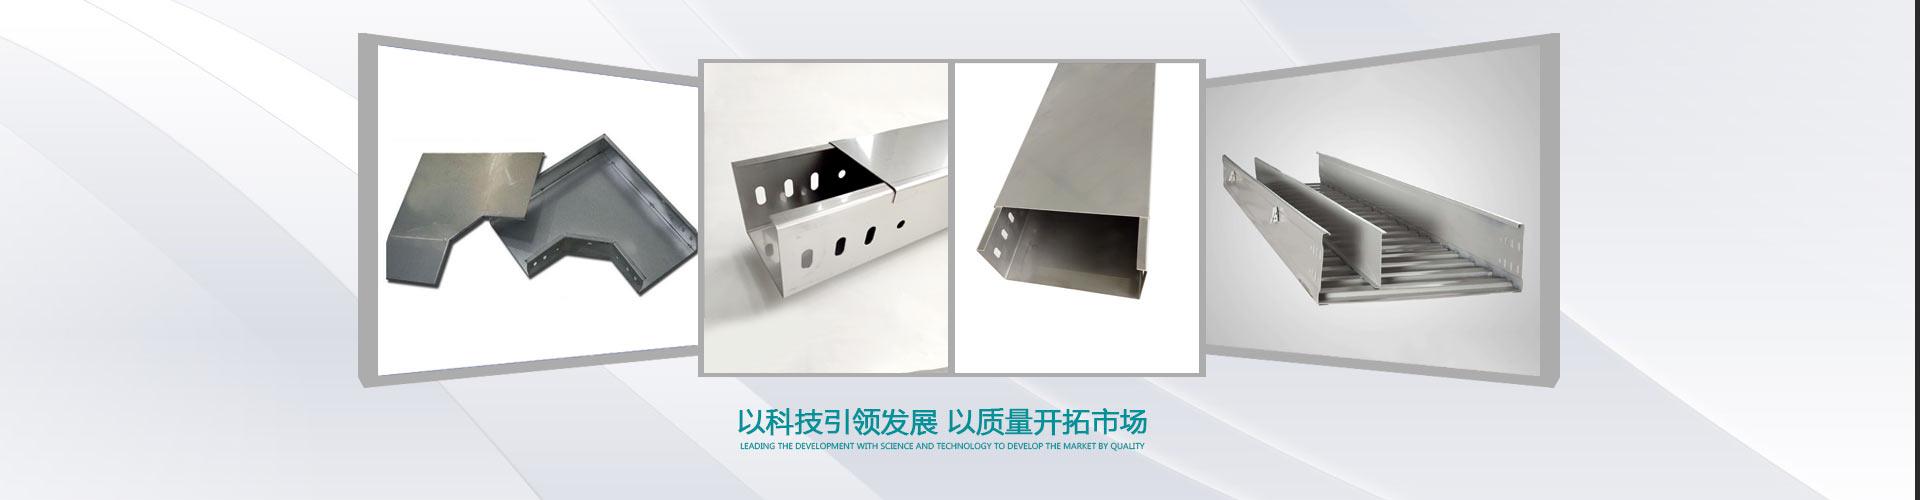 抗震支架母线槽